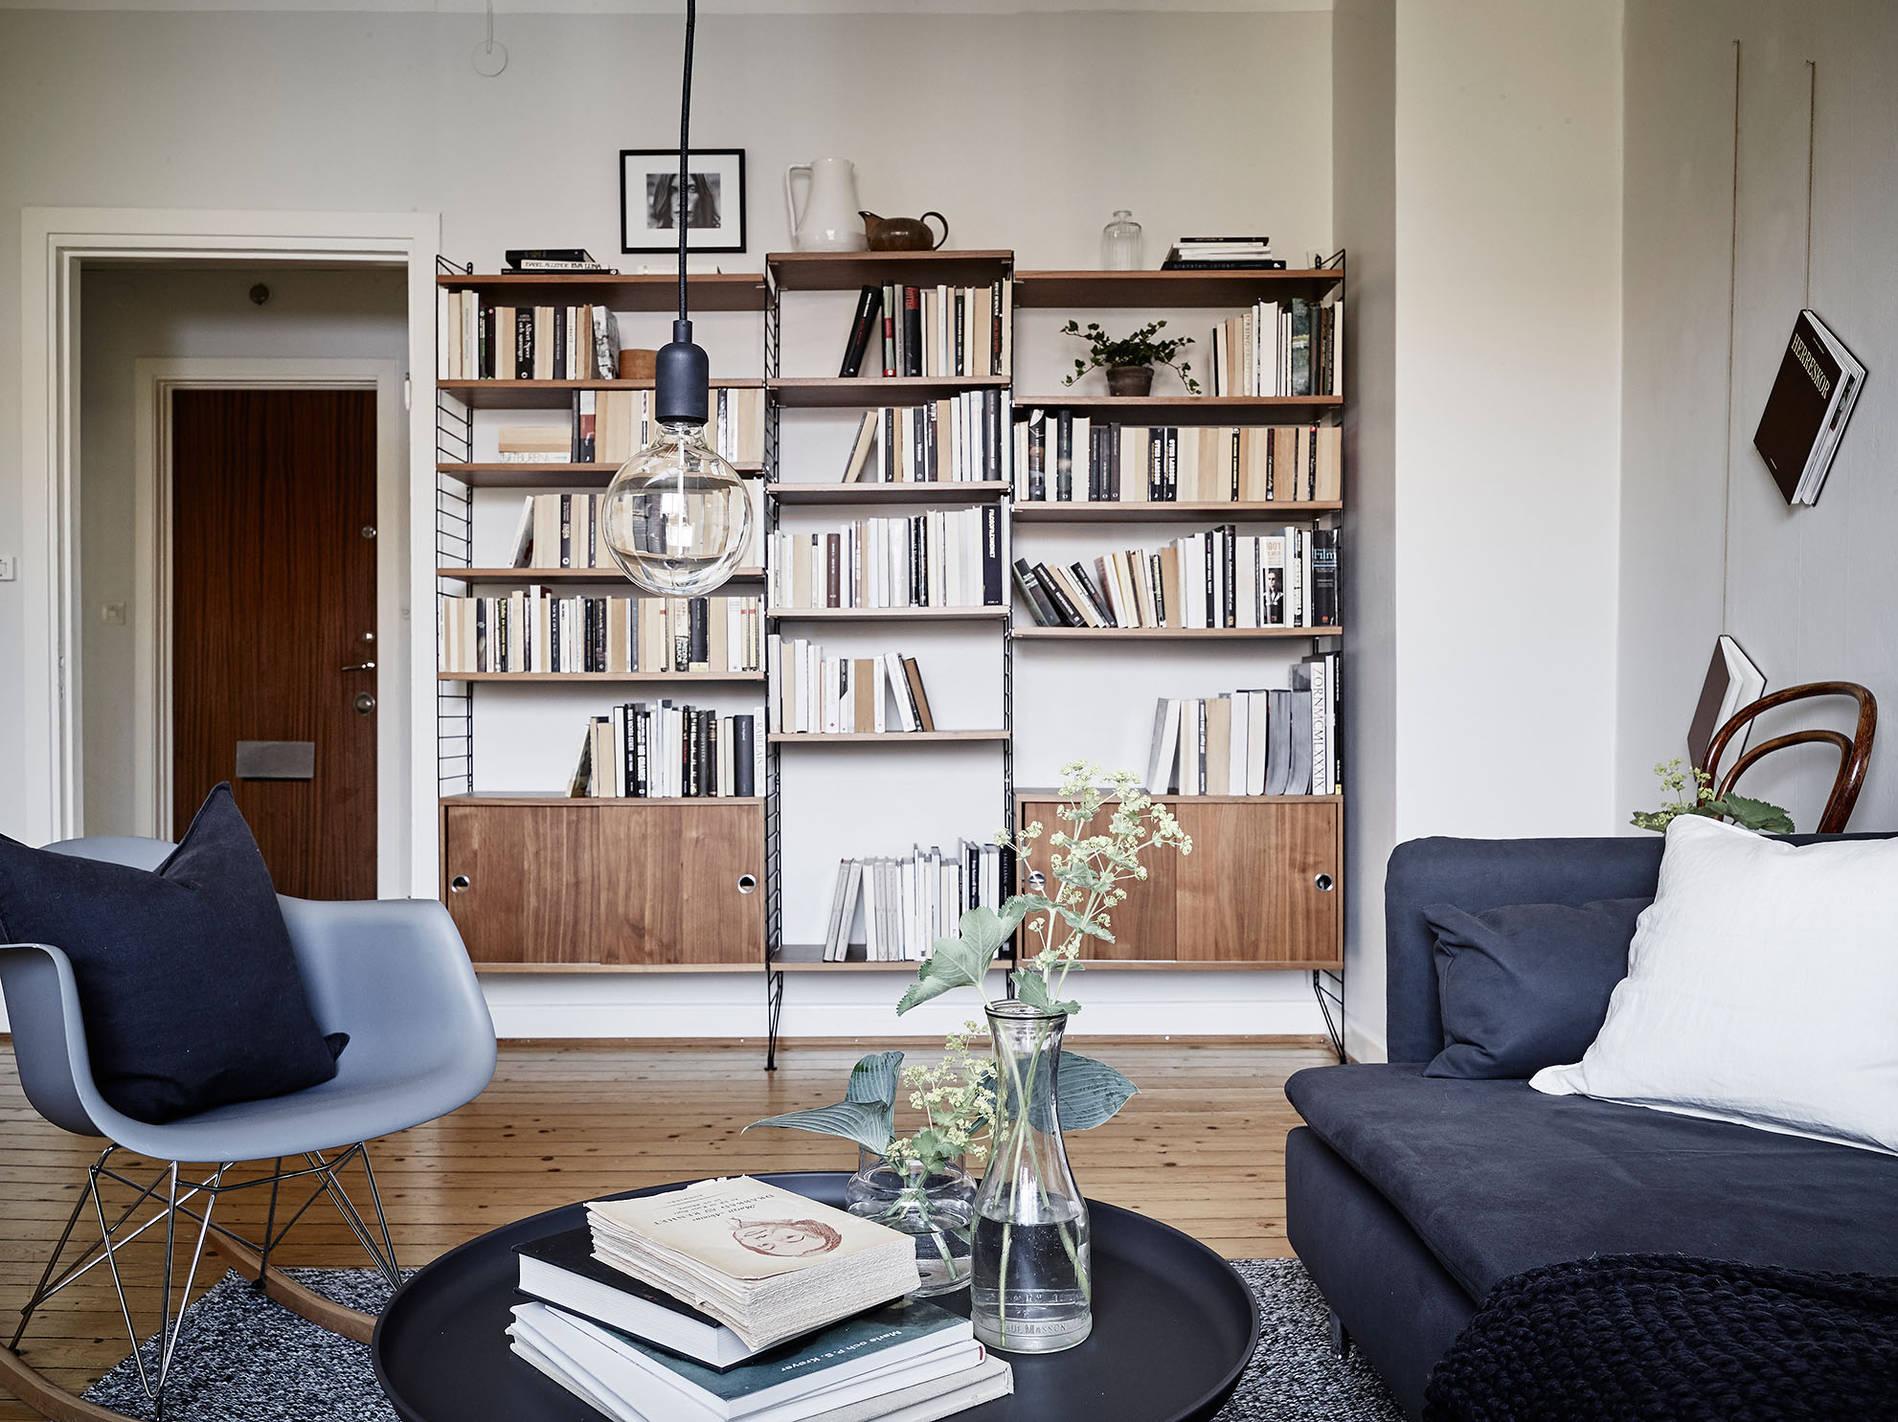 Un Appartamento In Bianco E Grigio In The Mood For Design